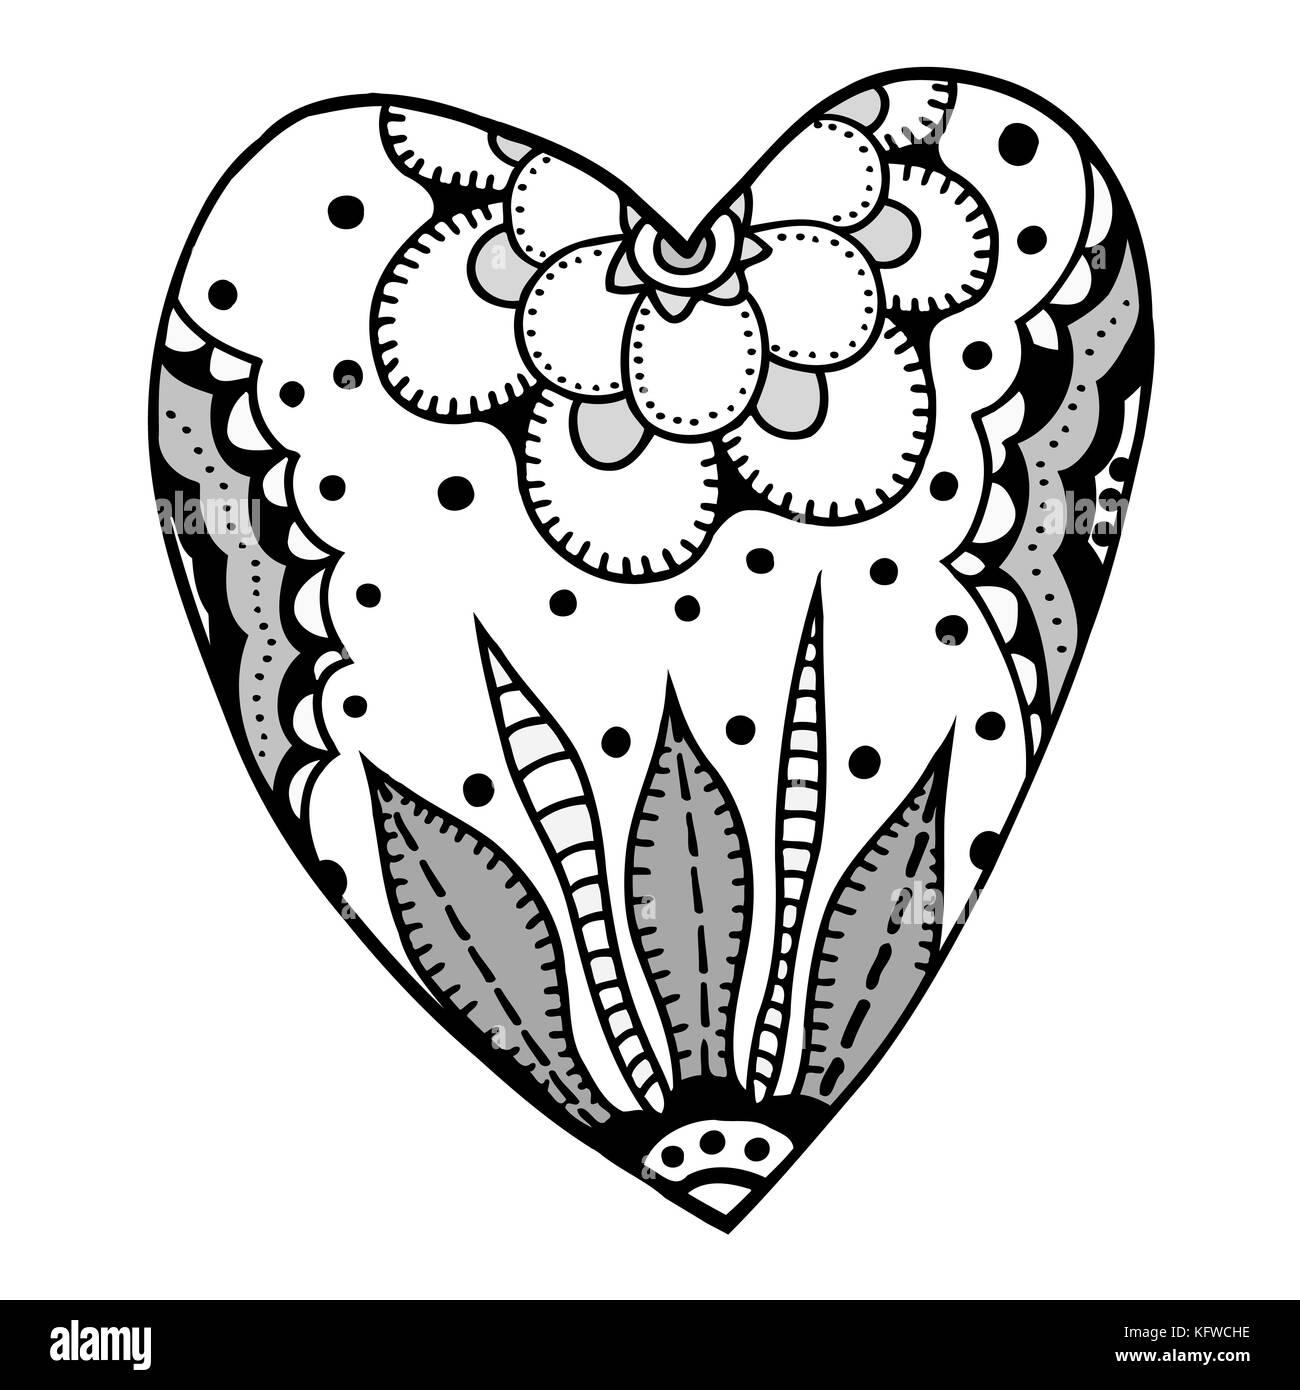 Tolle Valentinstag Malbuch Fotos - Druckbare Malvorlagen - amaichi.info